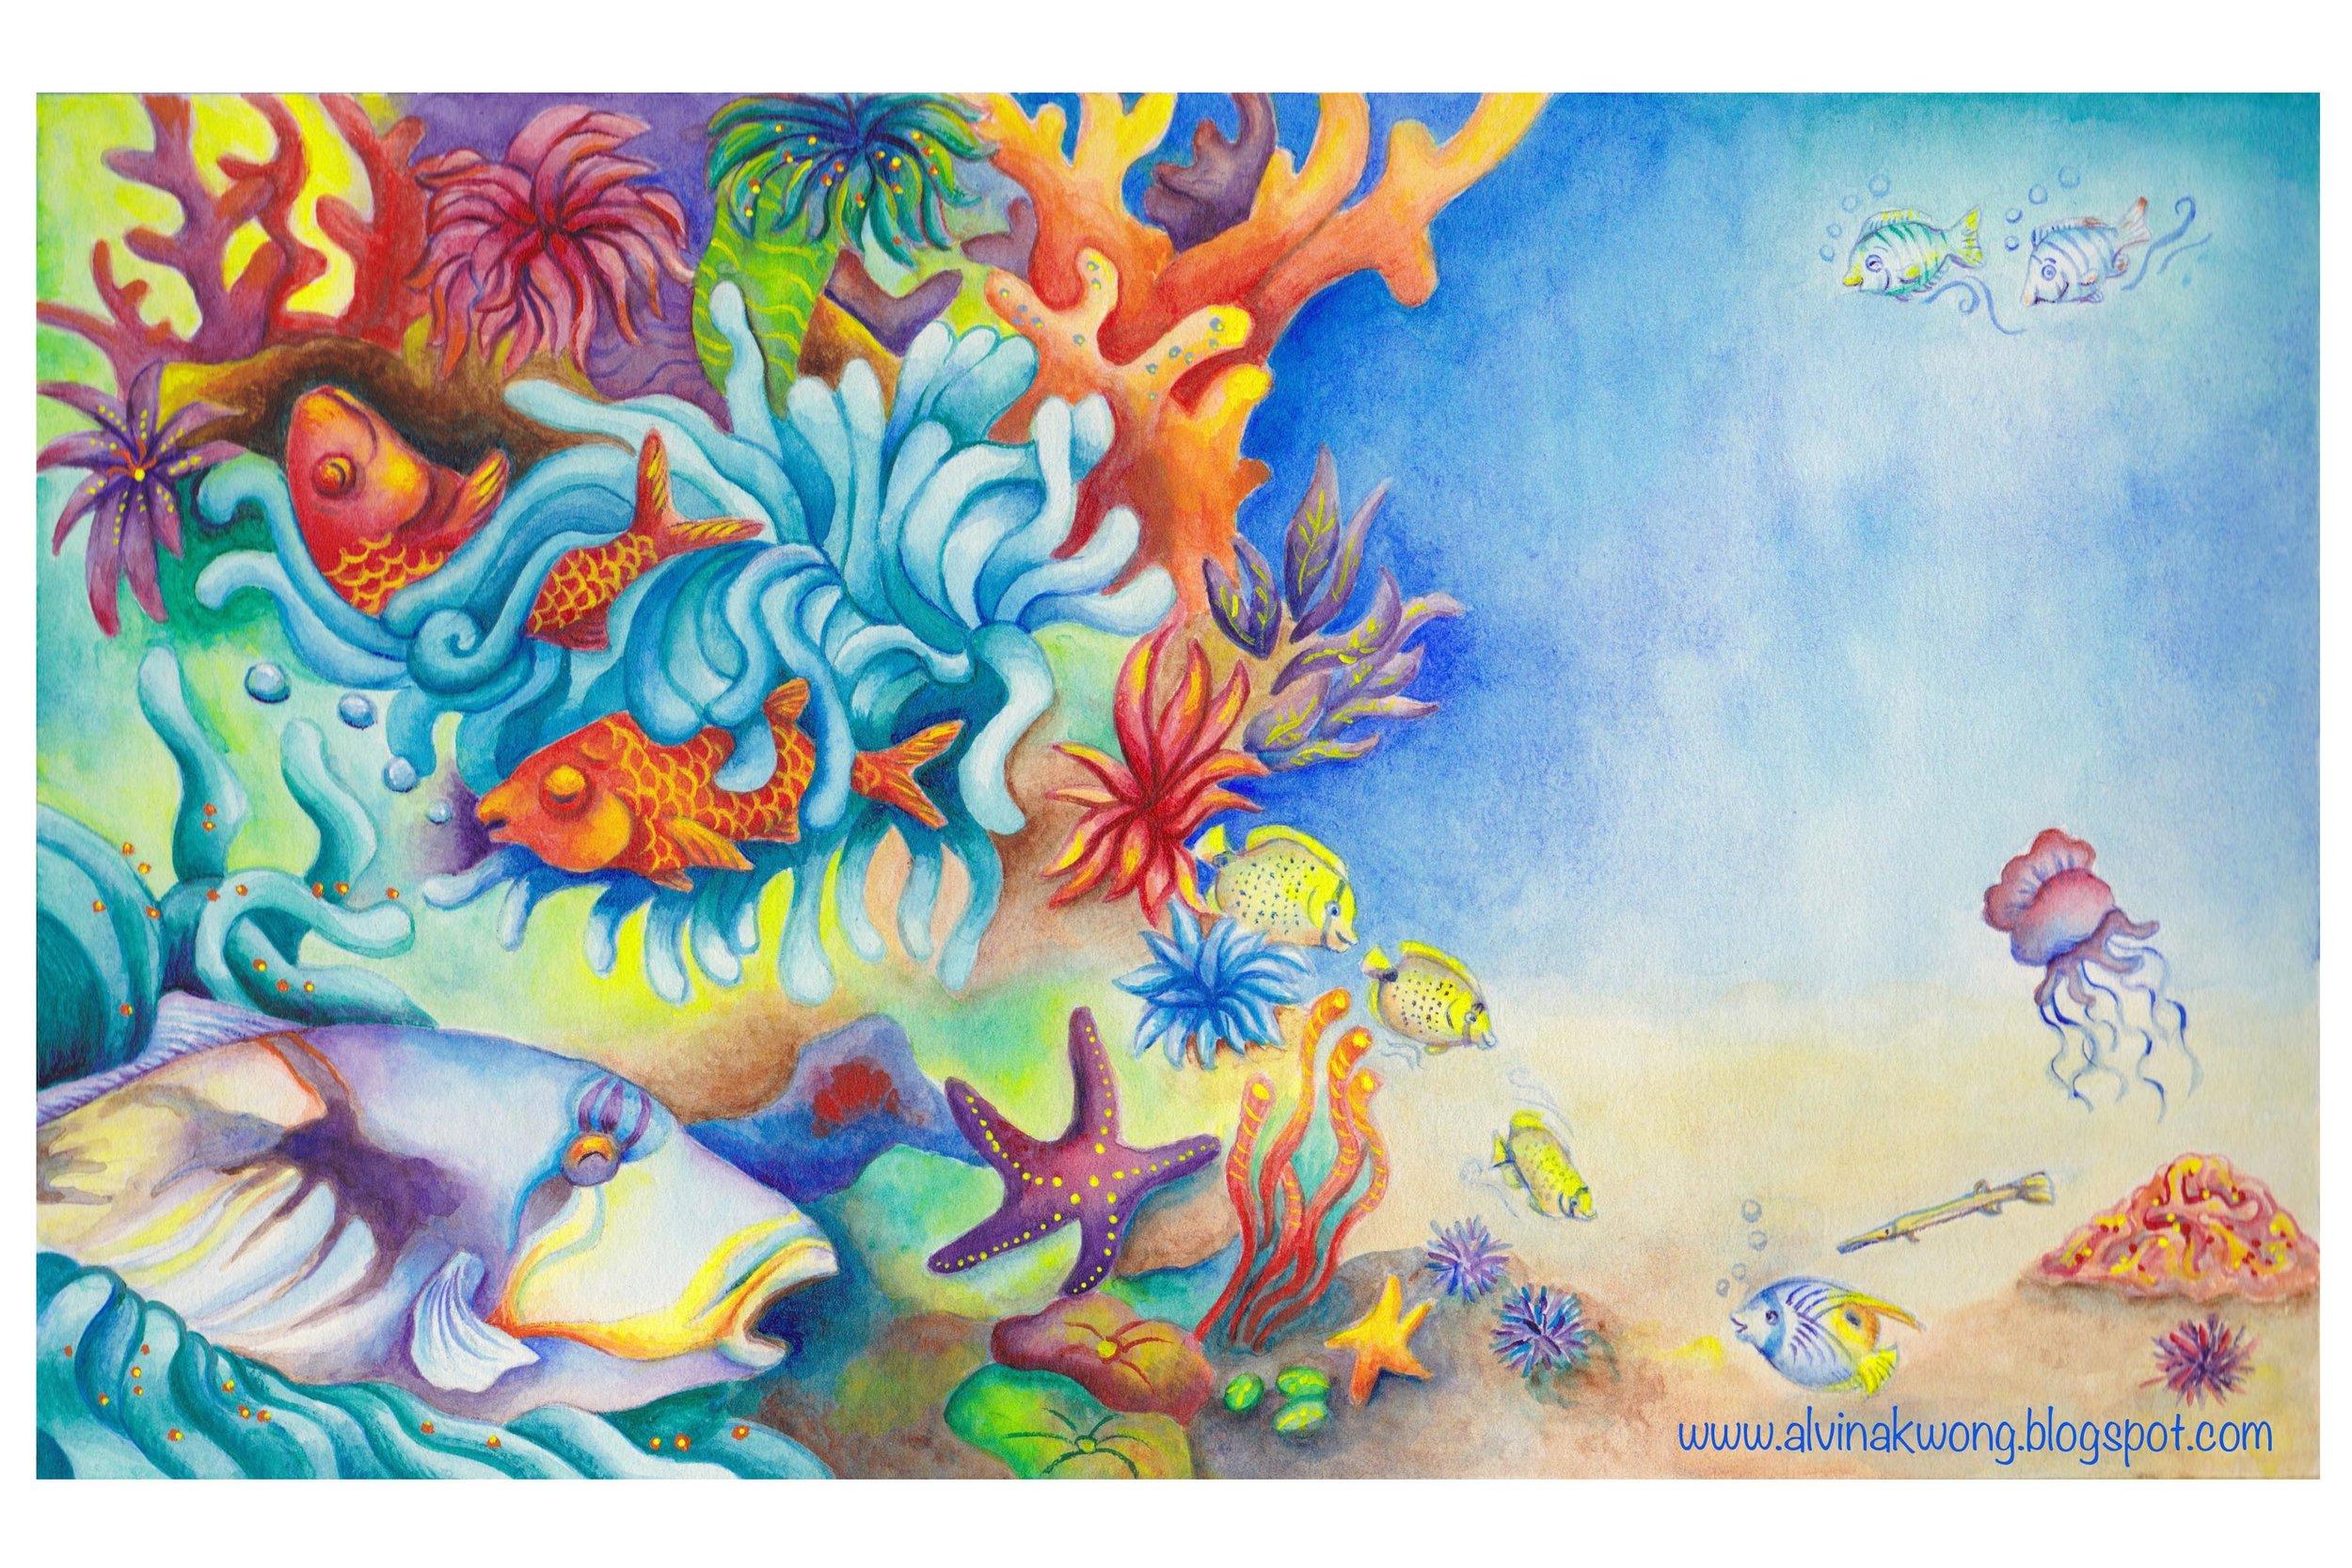 fish 300dpi watermark.jpg